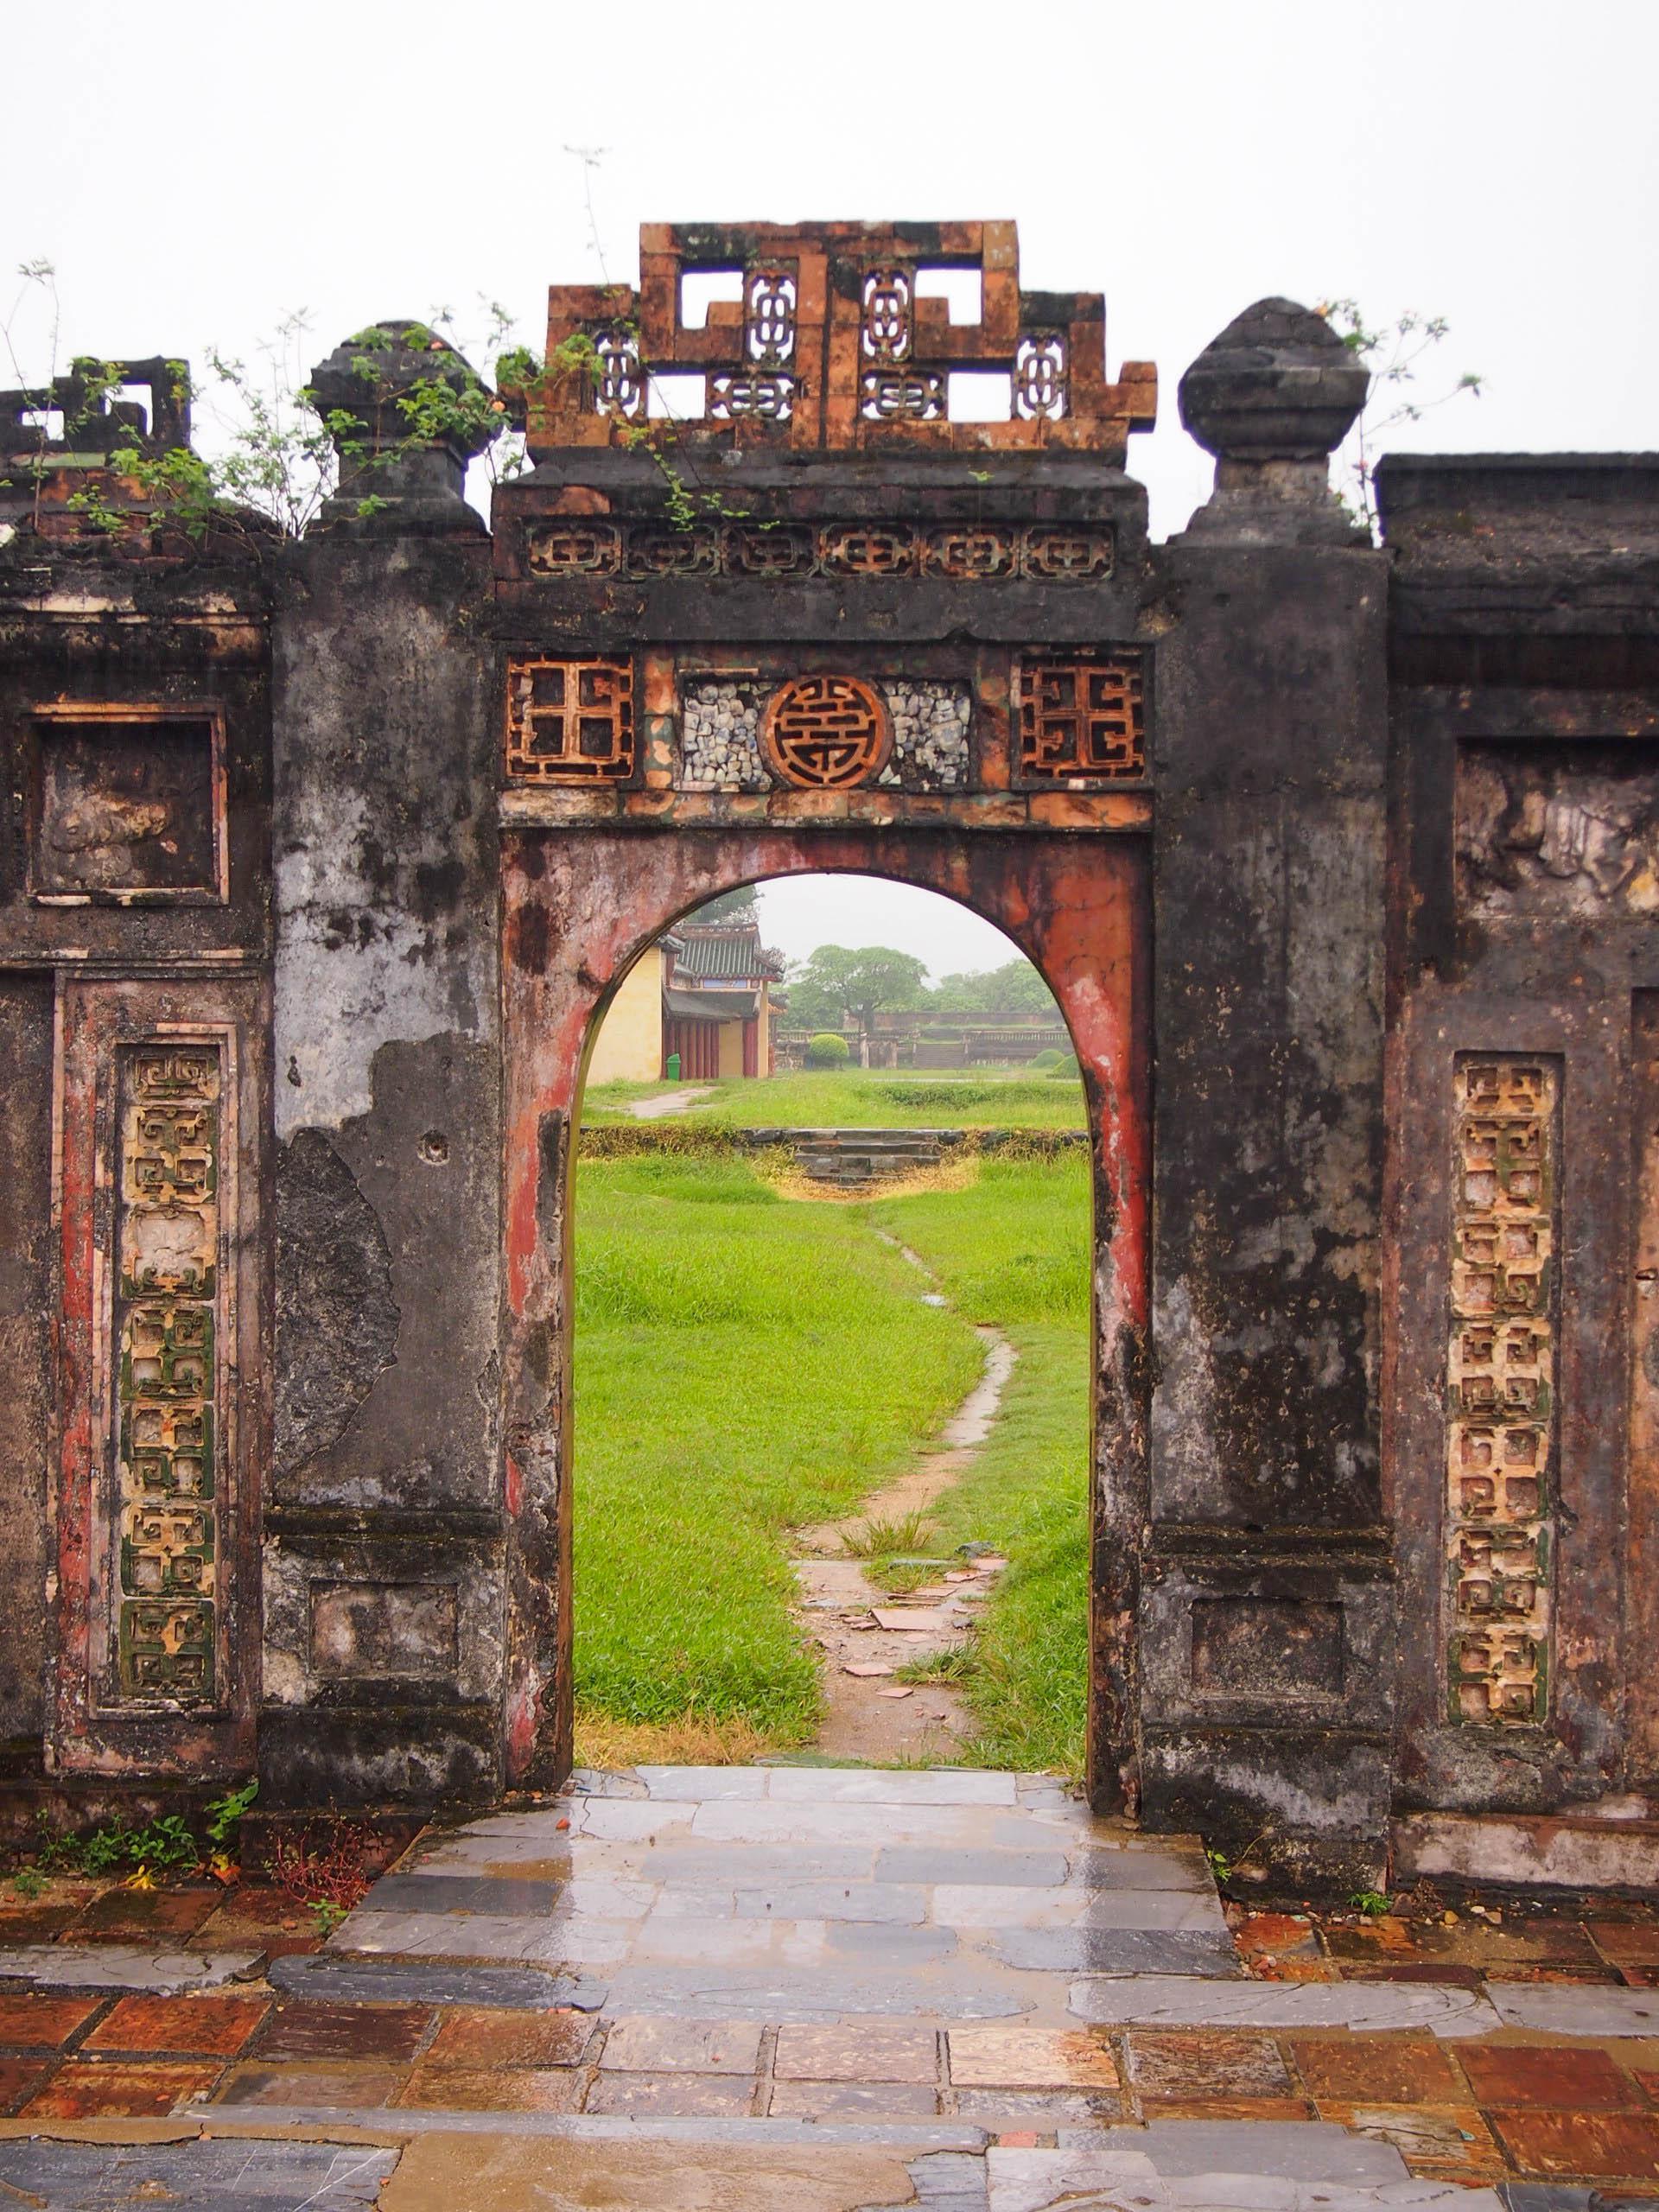 The entrance into the Forbidden City